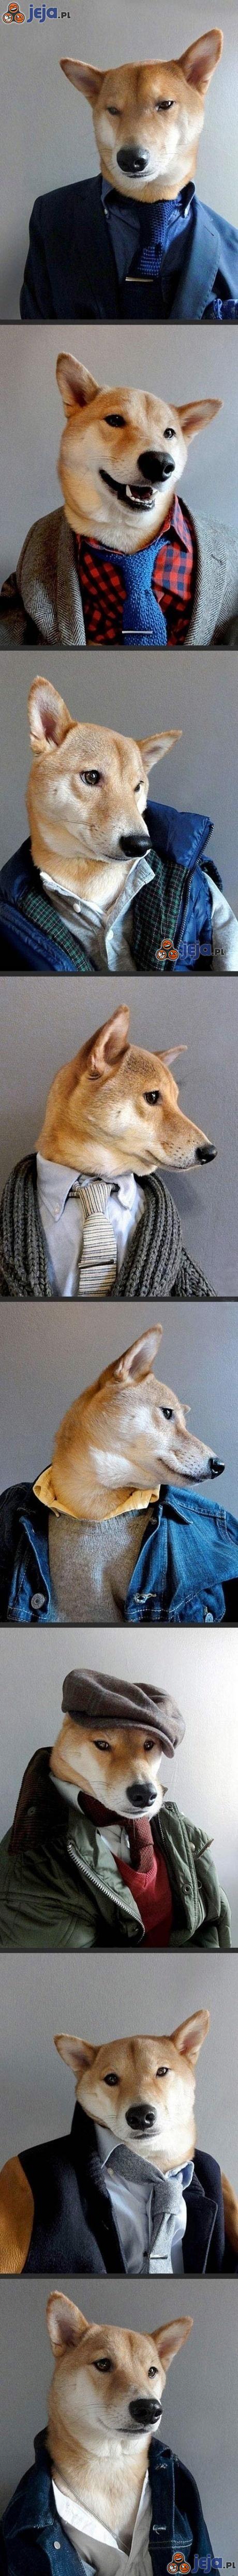 Zwierzaki też powinny być eleganckie